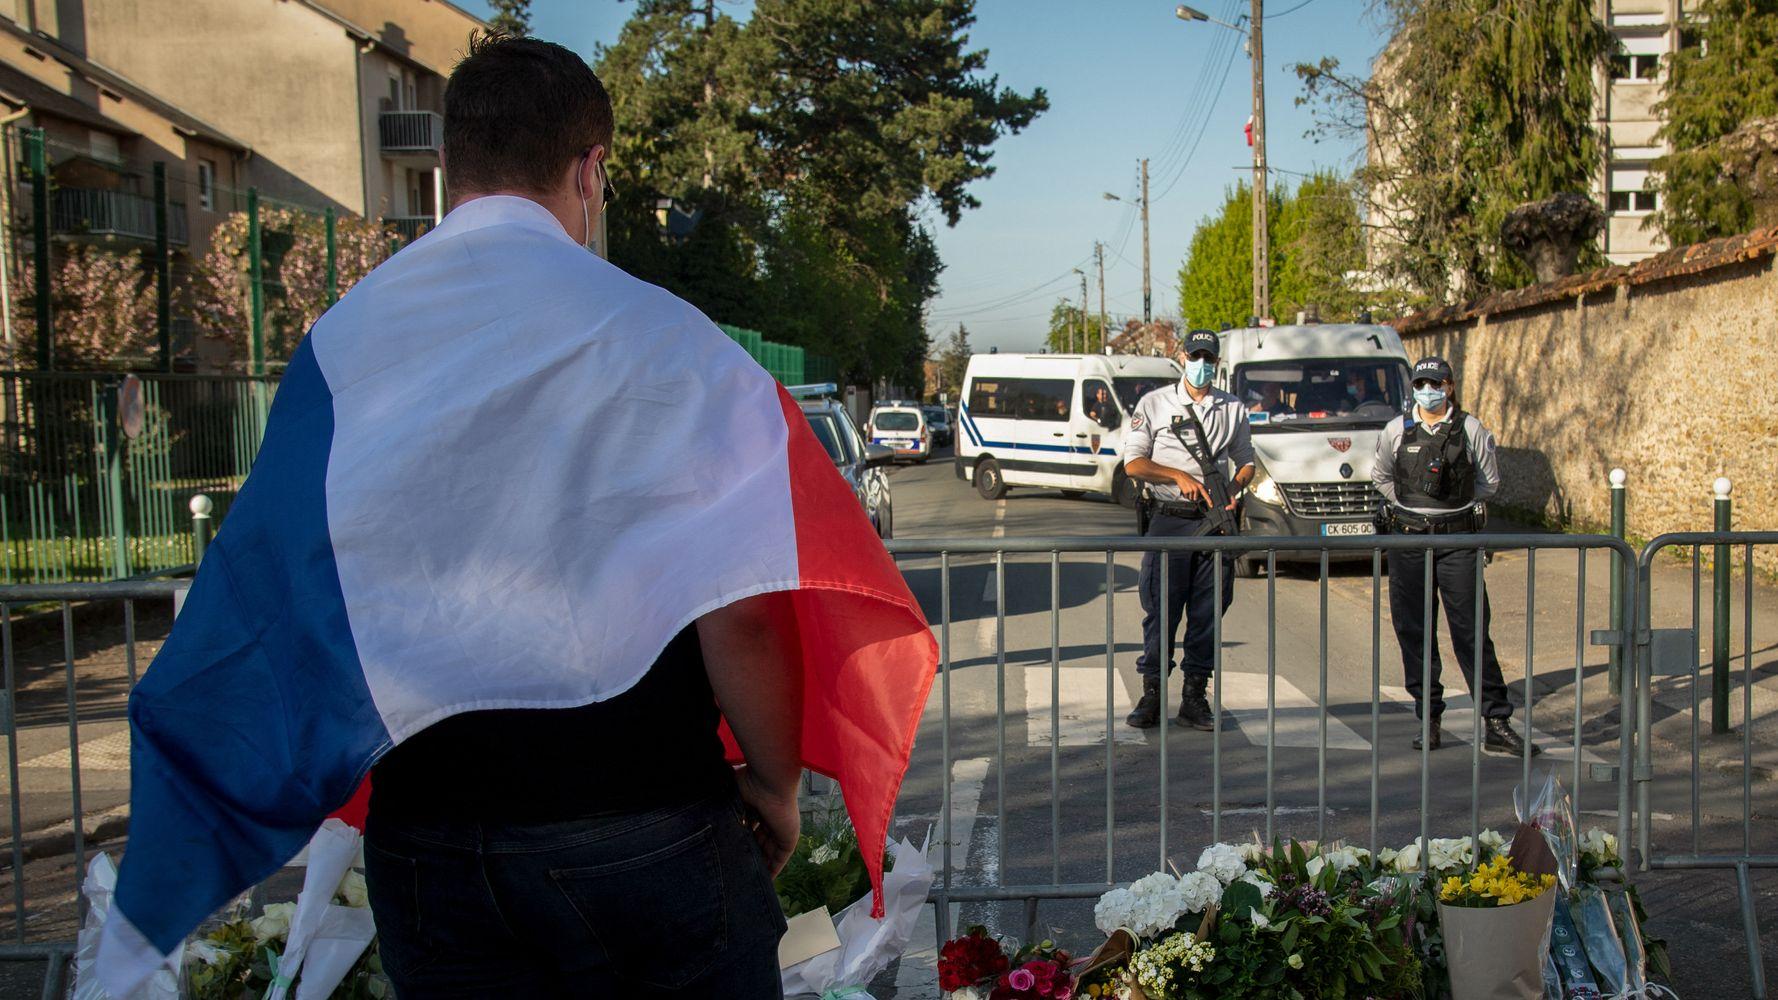 Stéphanie Monfermé, assassinée à Rambouillet, va être décorée de la Légion d'honneur